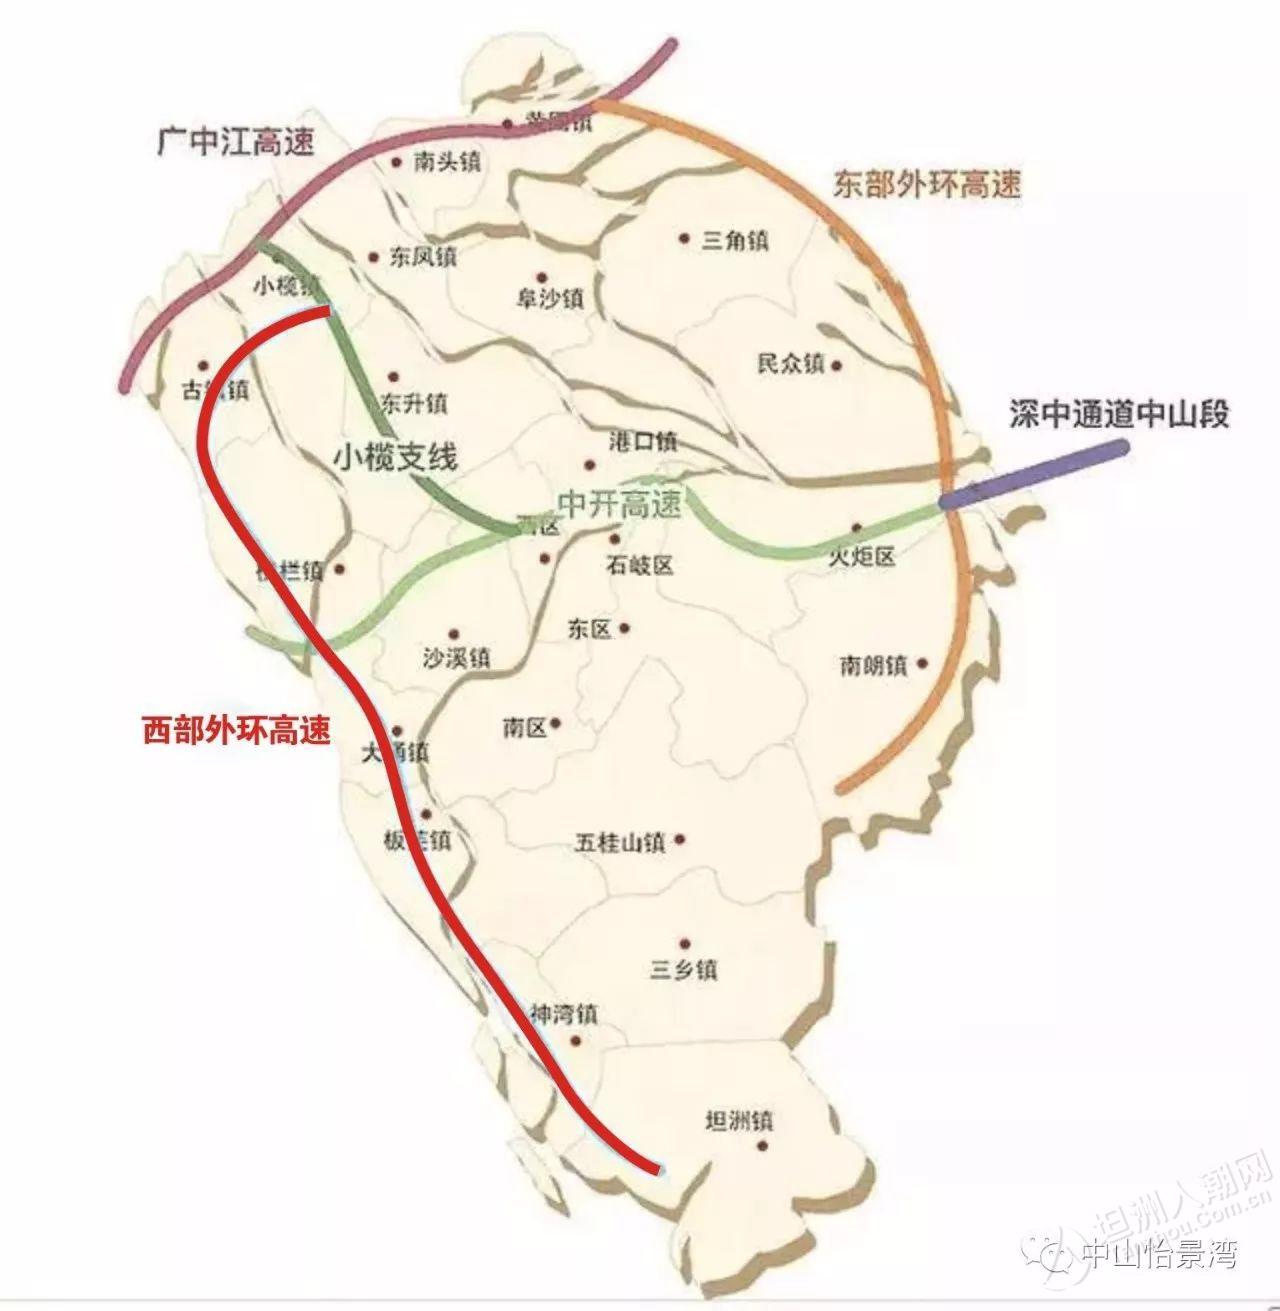 坦洲地图高清全图